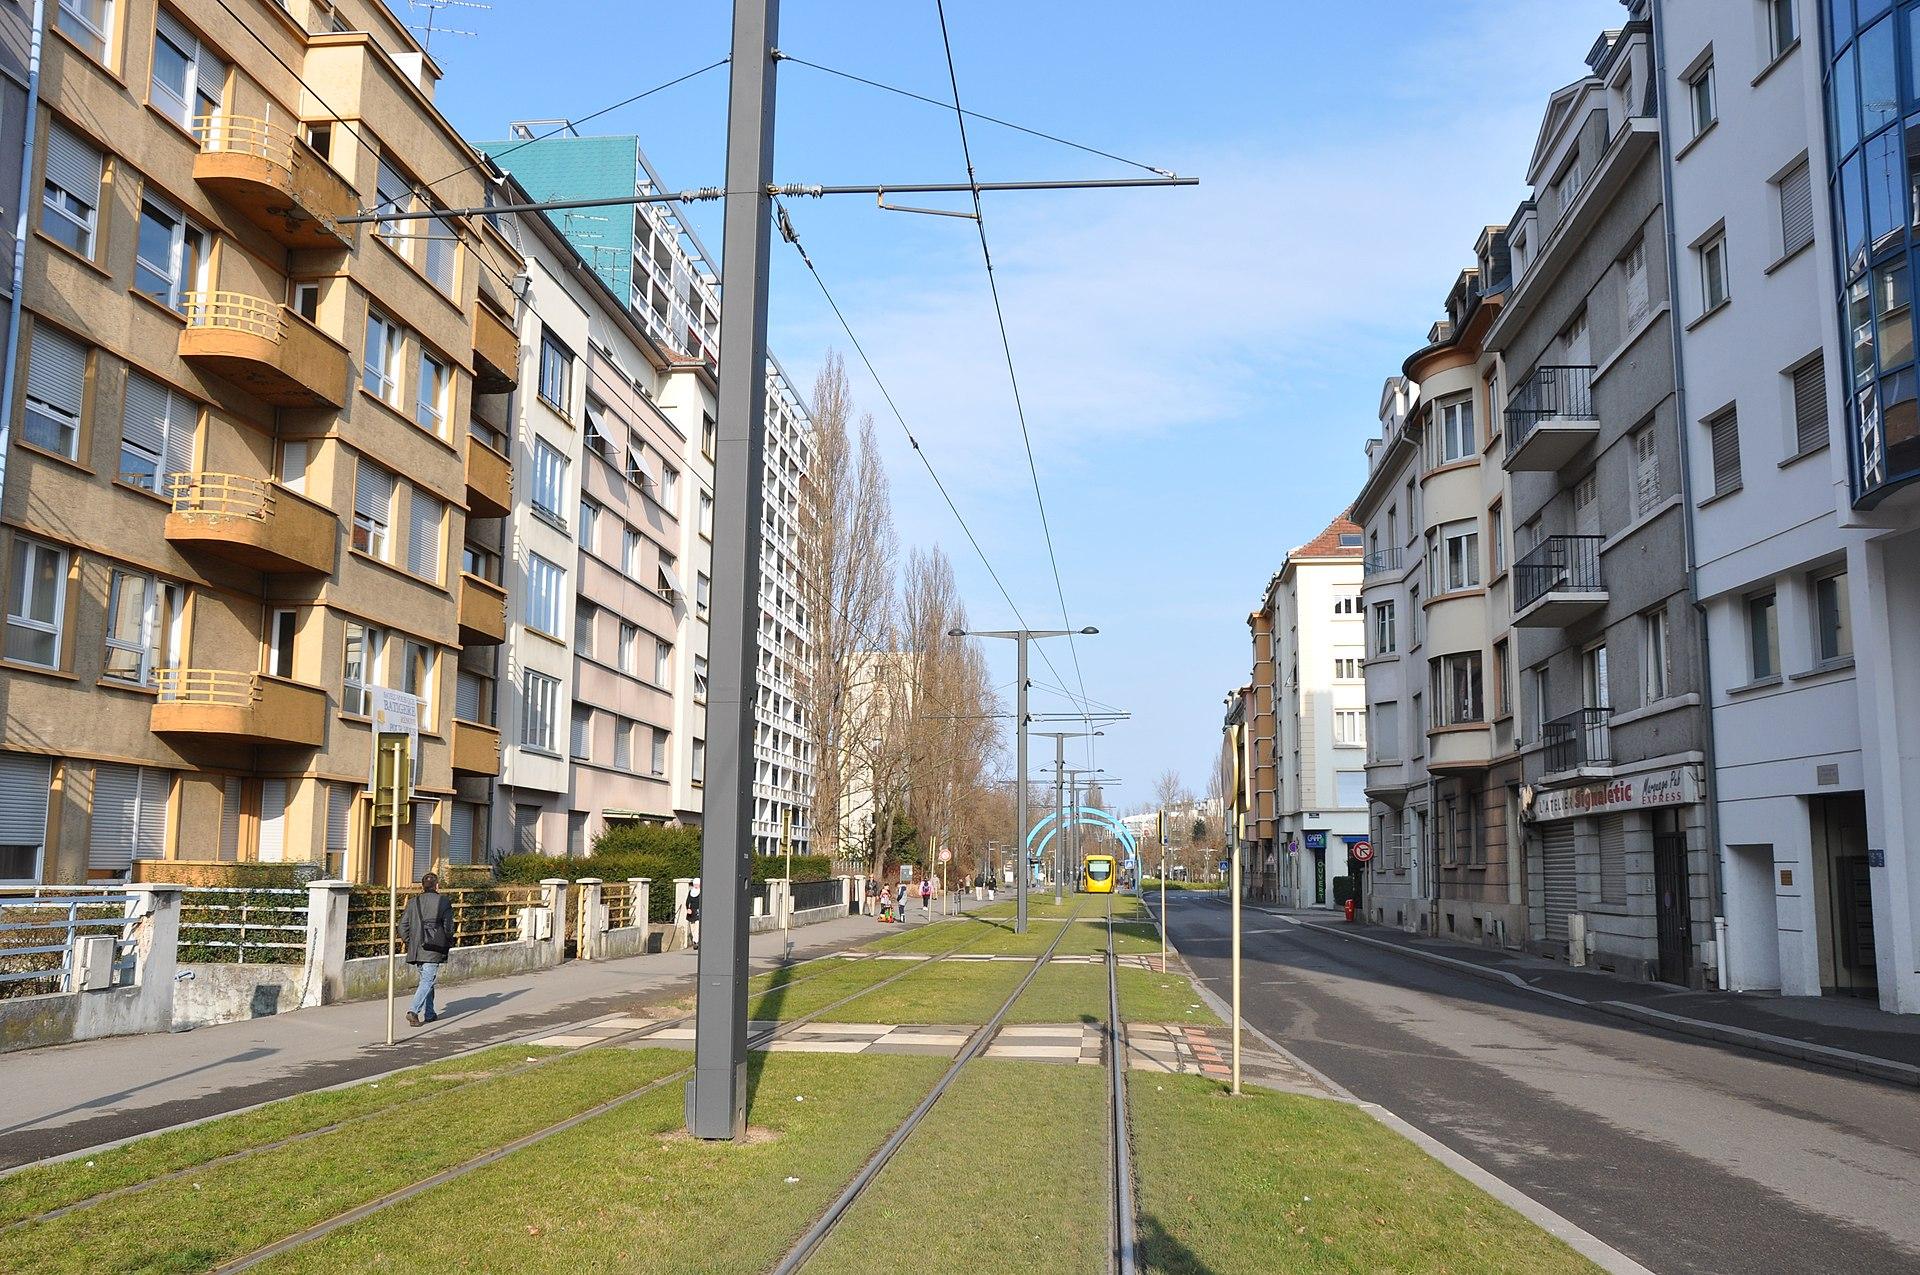 Quartier europe nordfeld nouveau bassin wikip dia for Europeanhome com